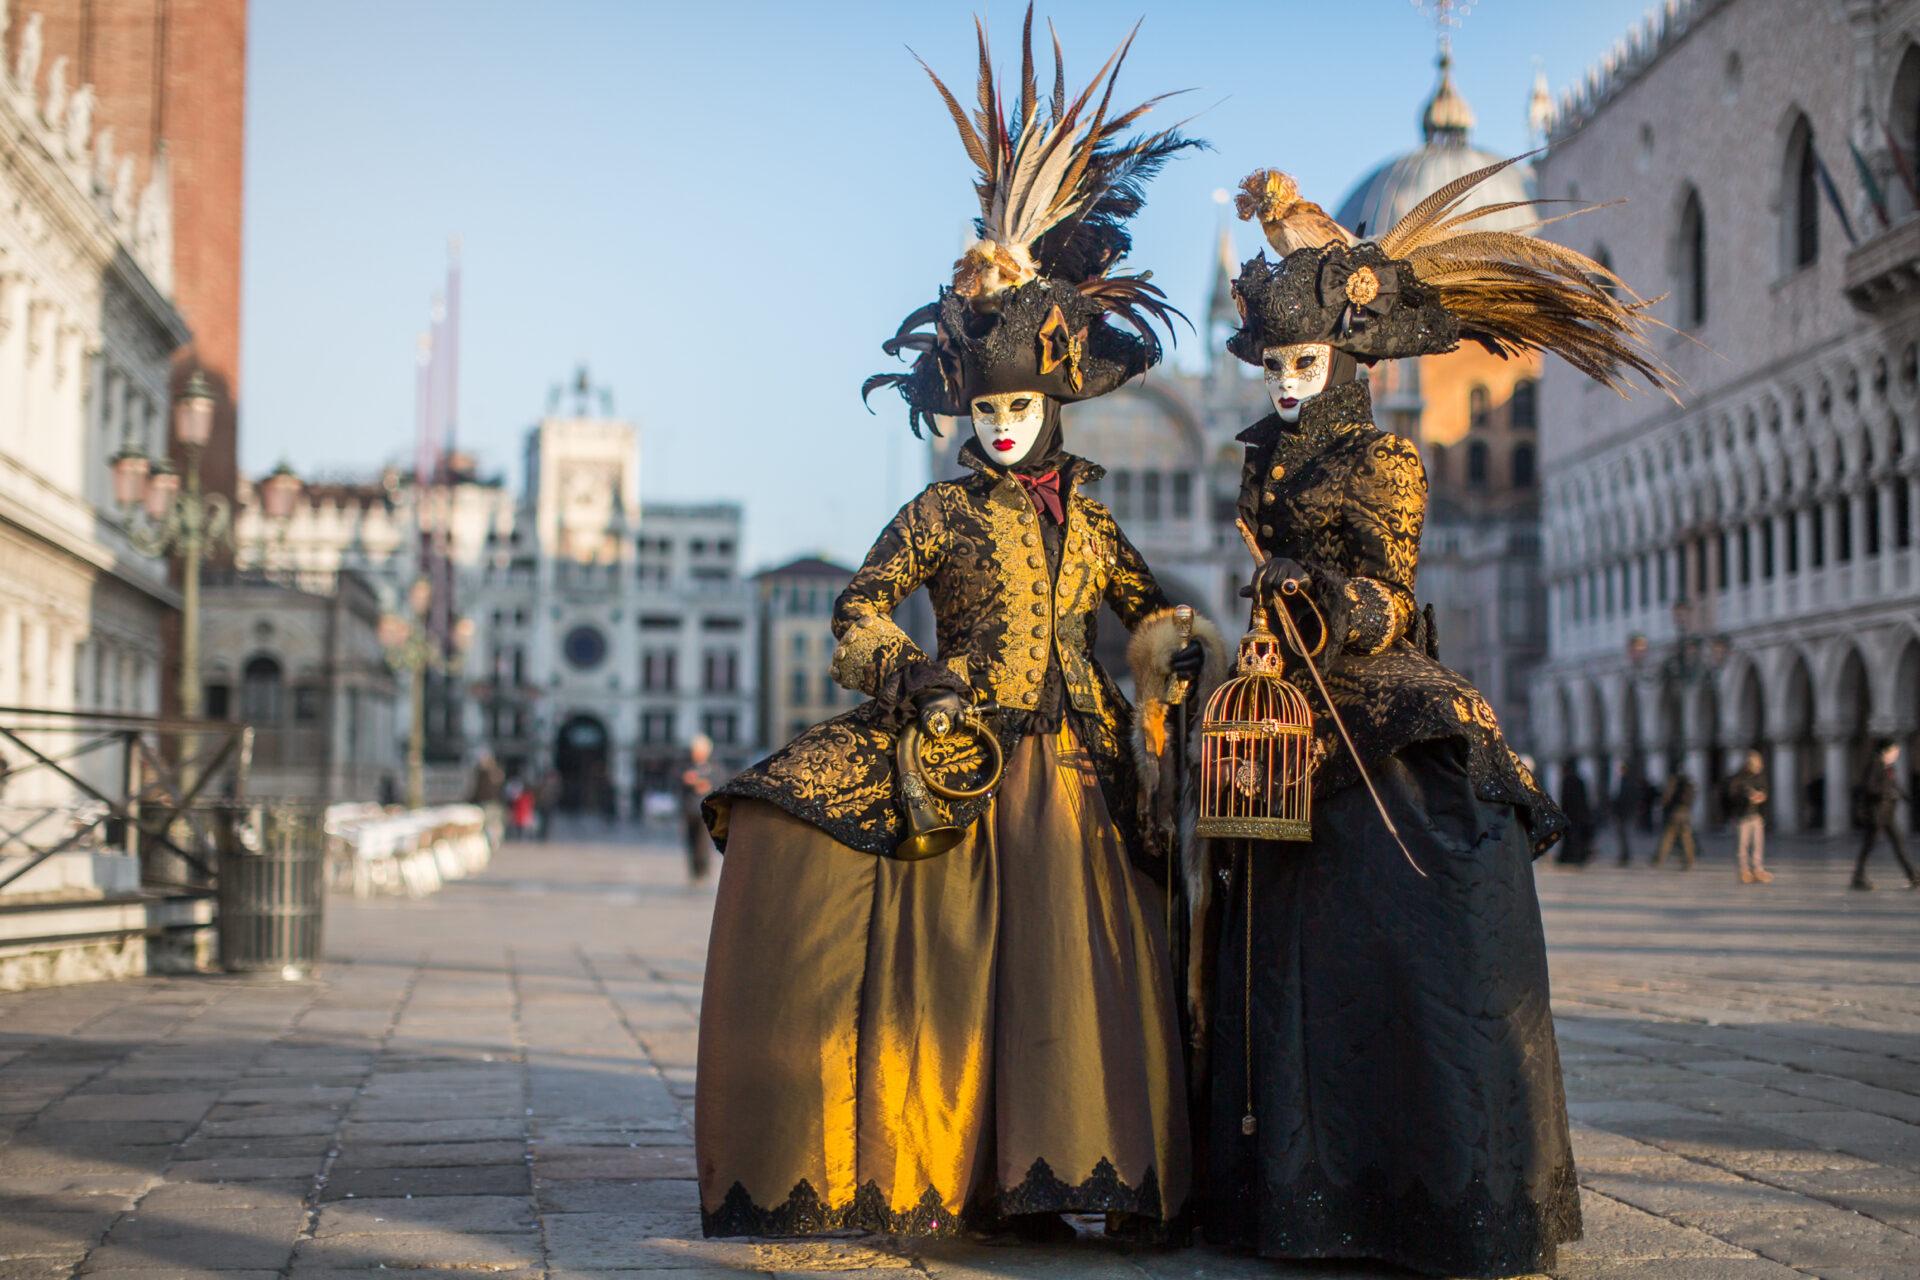 такс венеция картинки маскарада суде стал